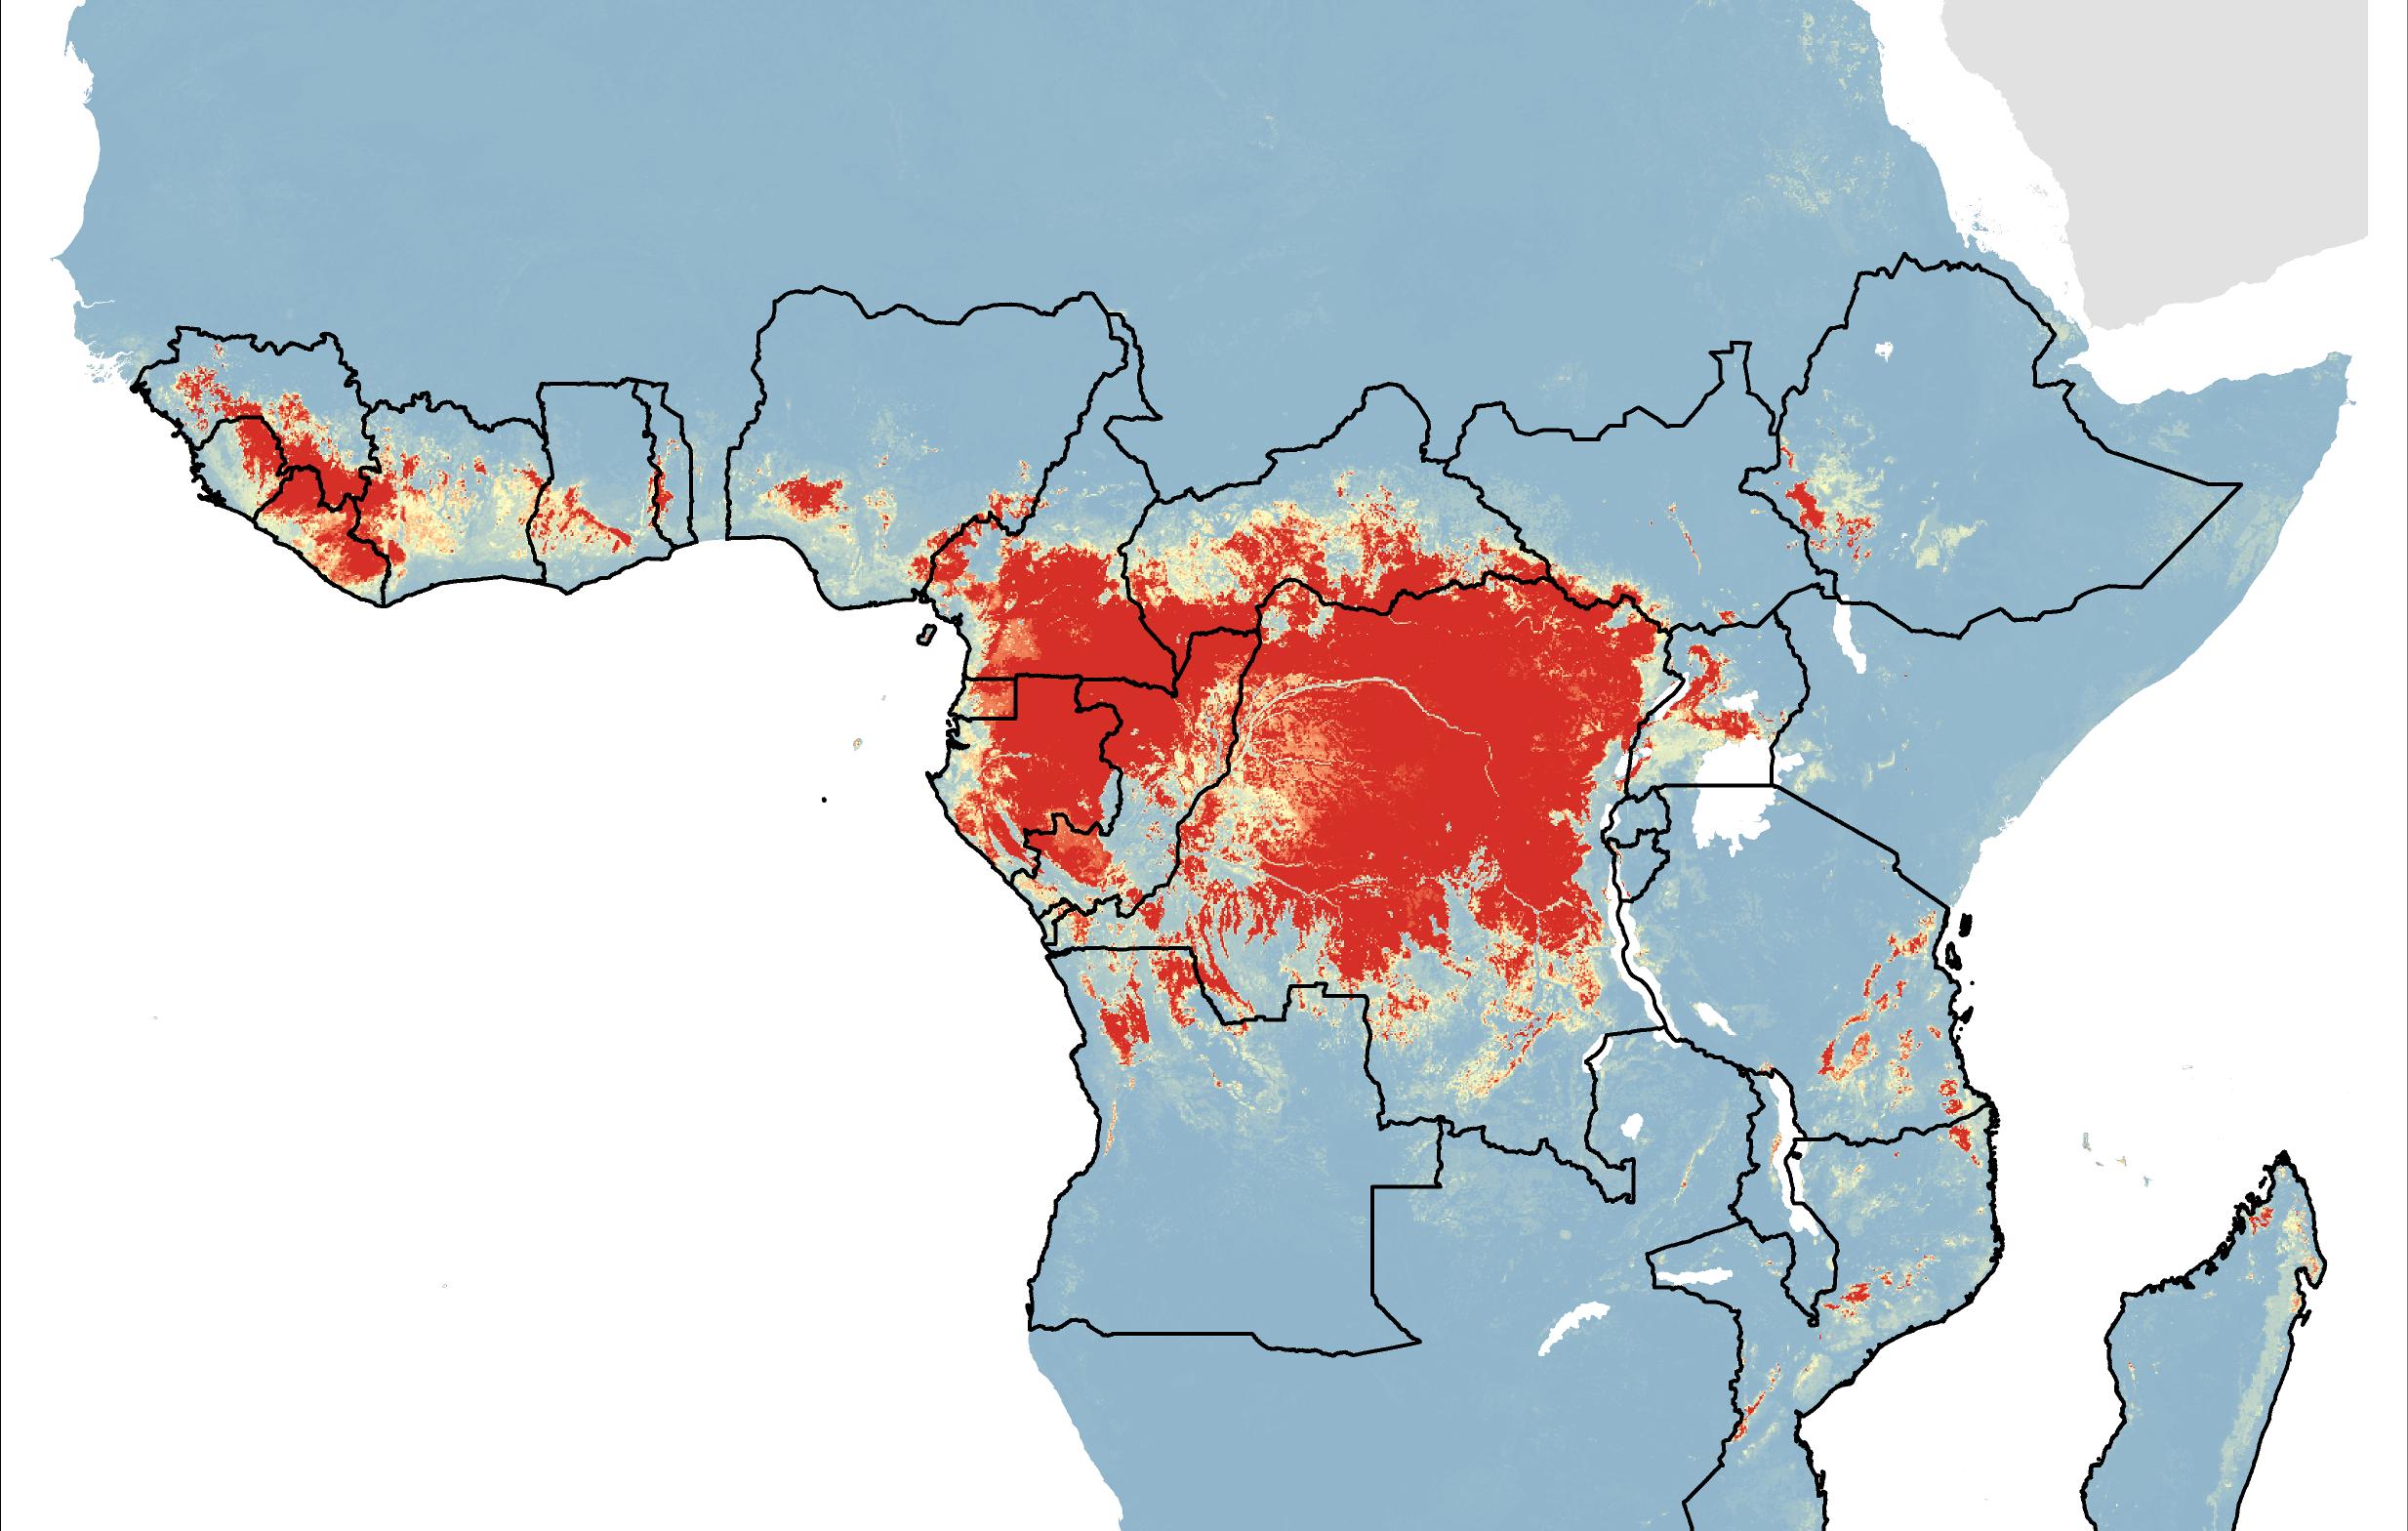 Risk of Ebola emergence mapped | University of Oxford